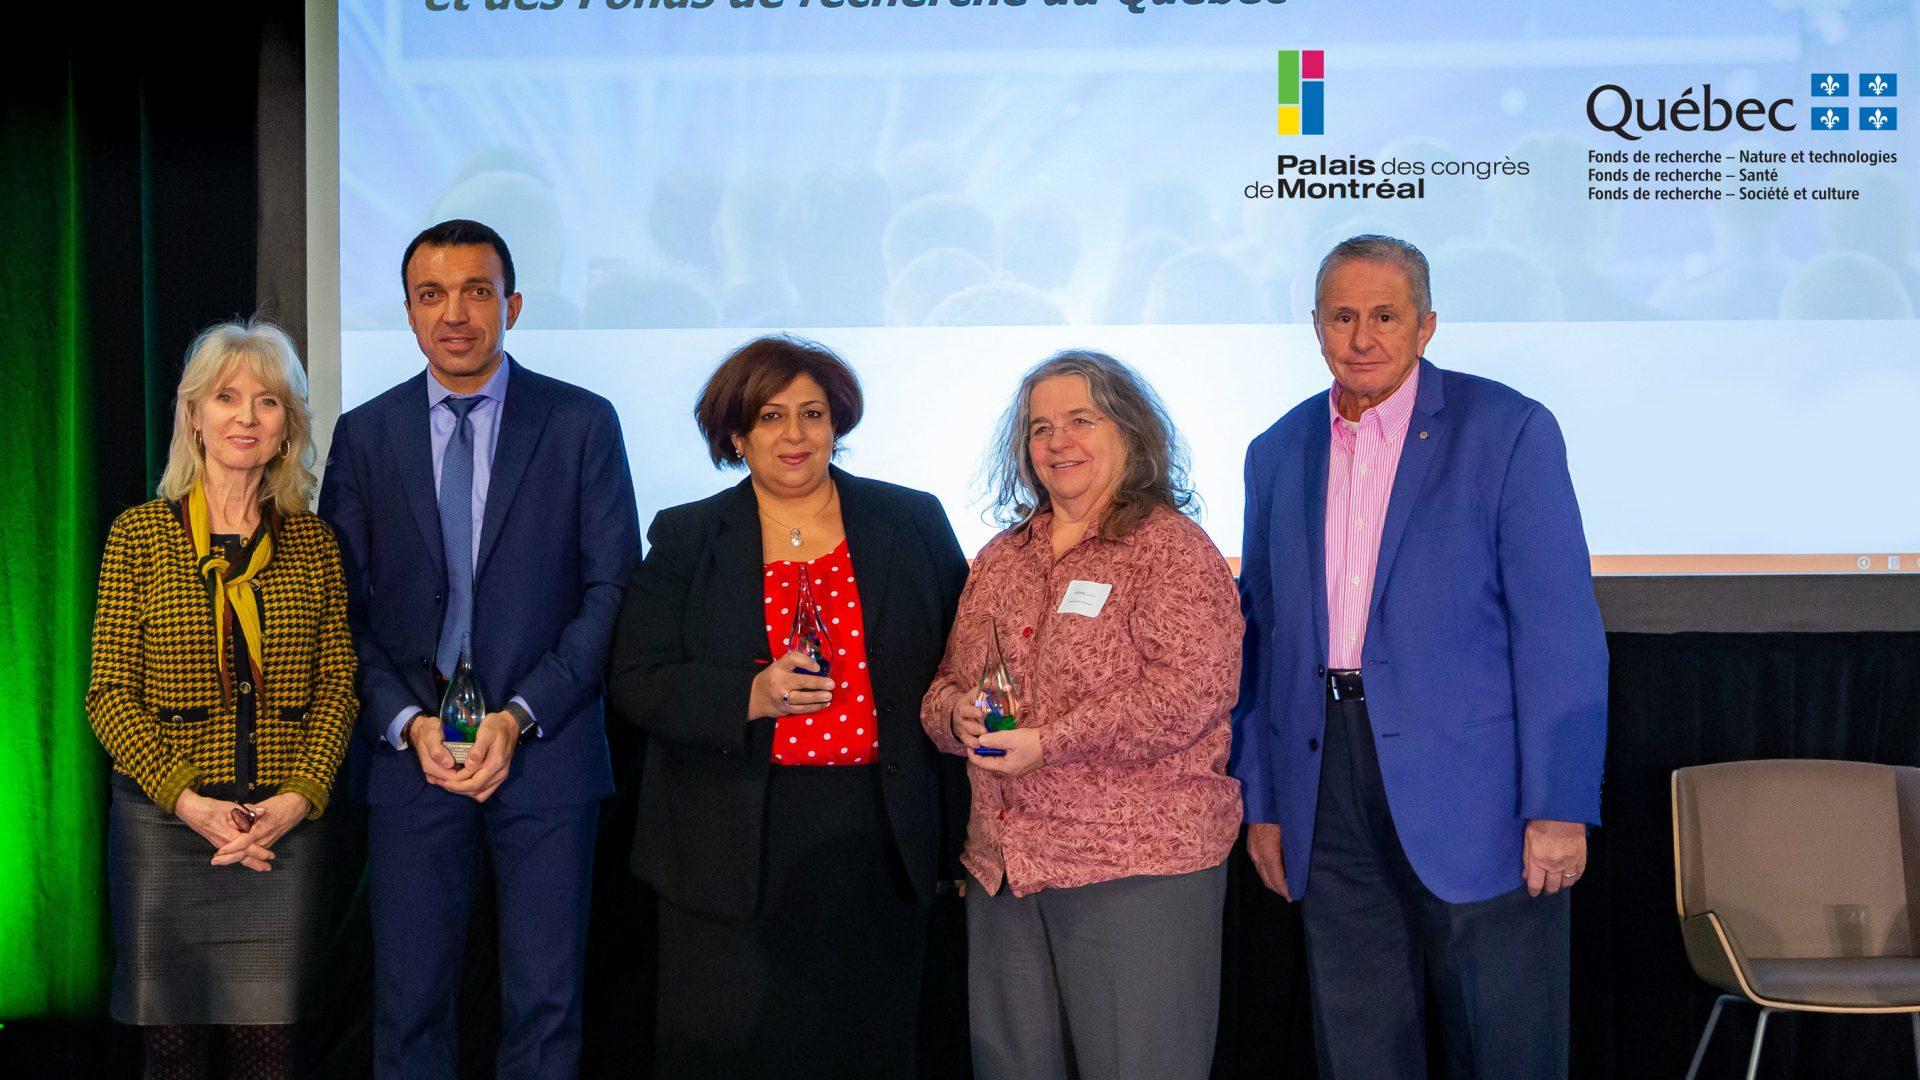 Trois scientifiques remportent un prix de 10000 $ chacun pour l'organisation de congrès internationaux à Montréal